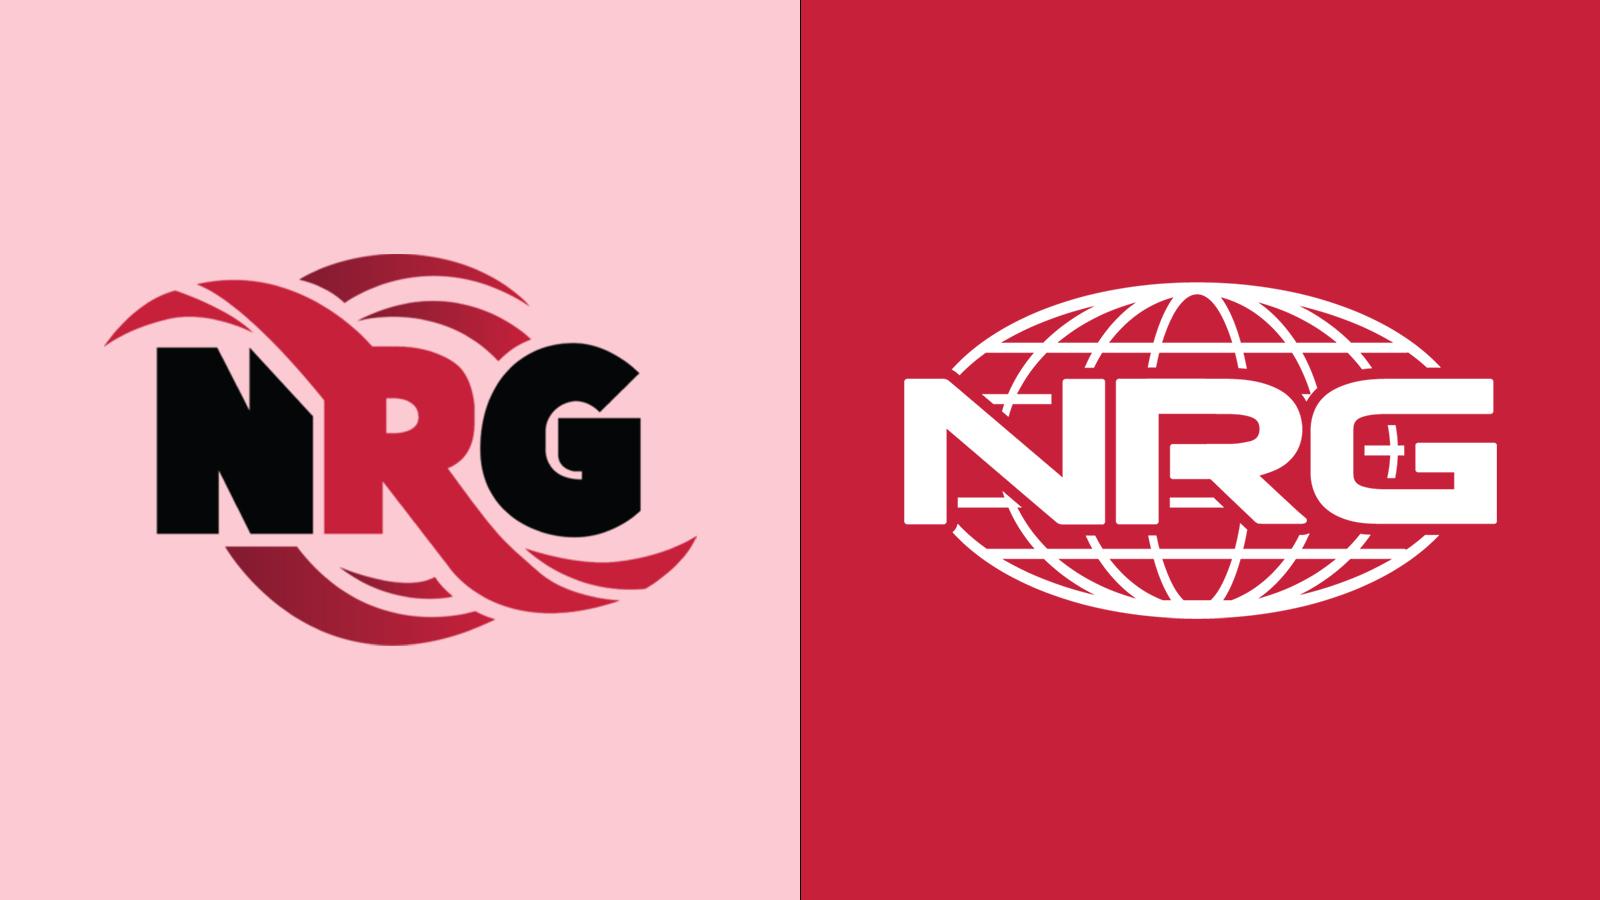 NRG Rebrand